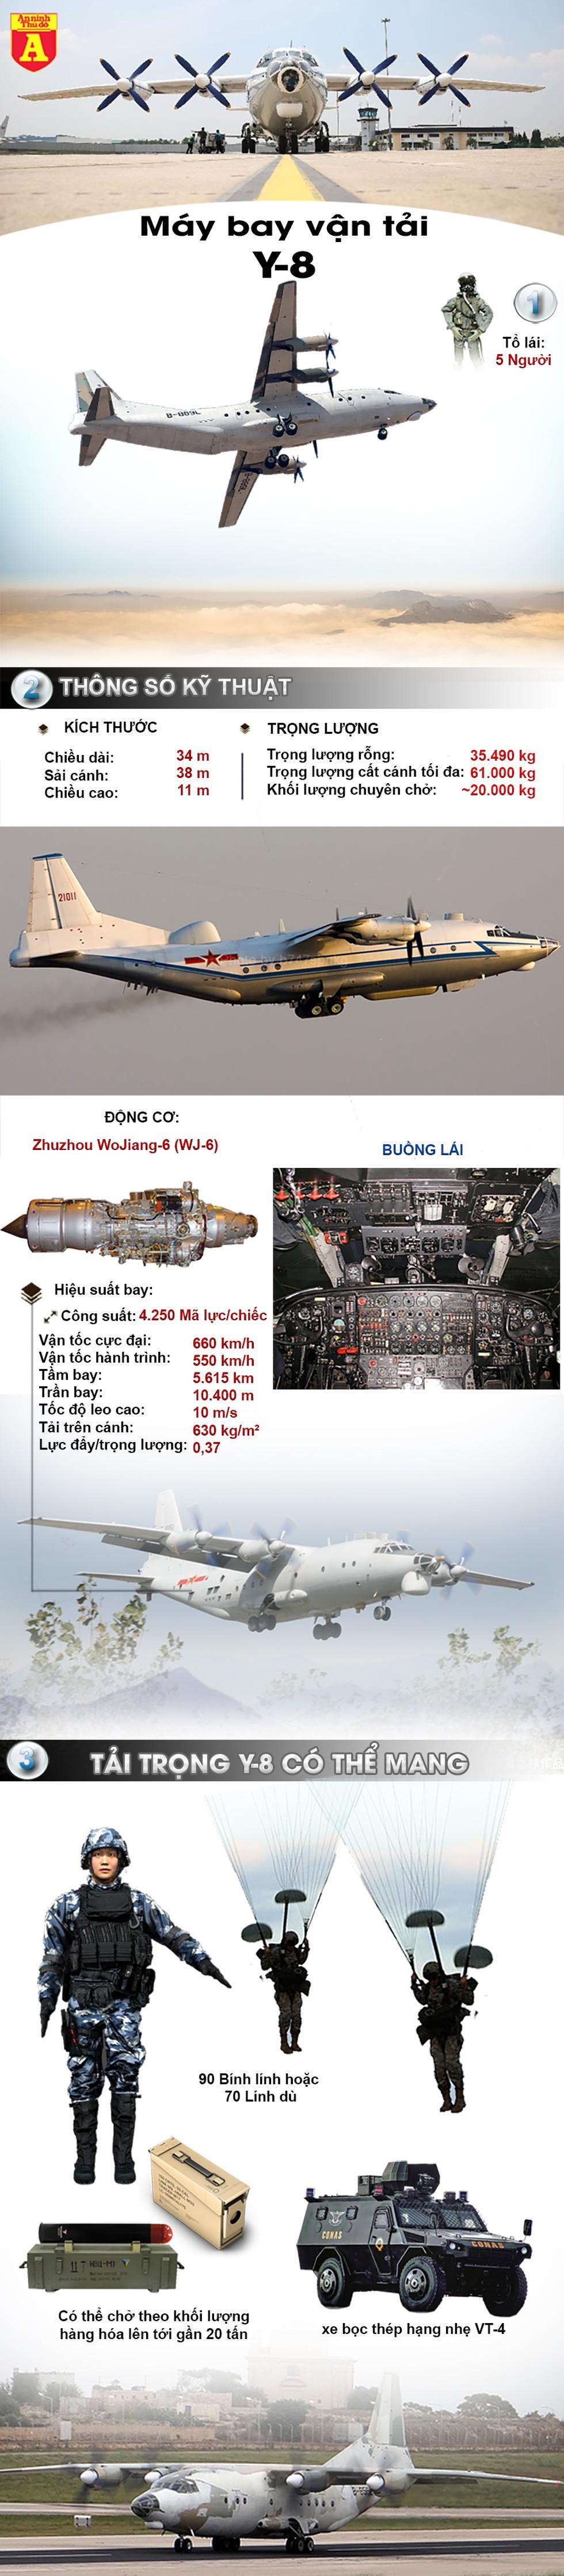 [Infographic] Chi tiết về vận tải cơ Trung Quốc sao chép từ Nga lao khỏi đường băng tại Myanmar - Ảnh 1